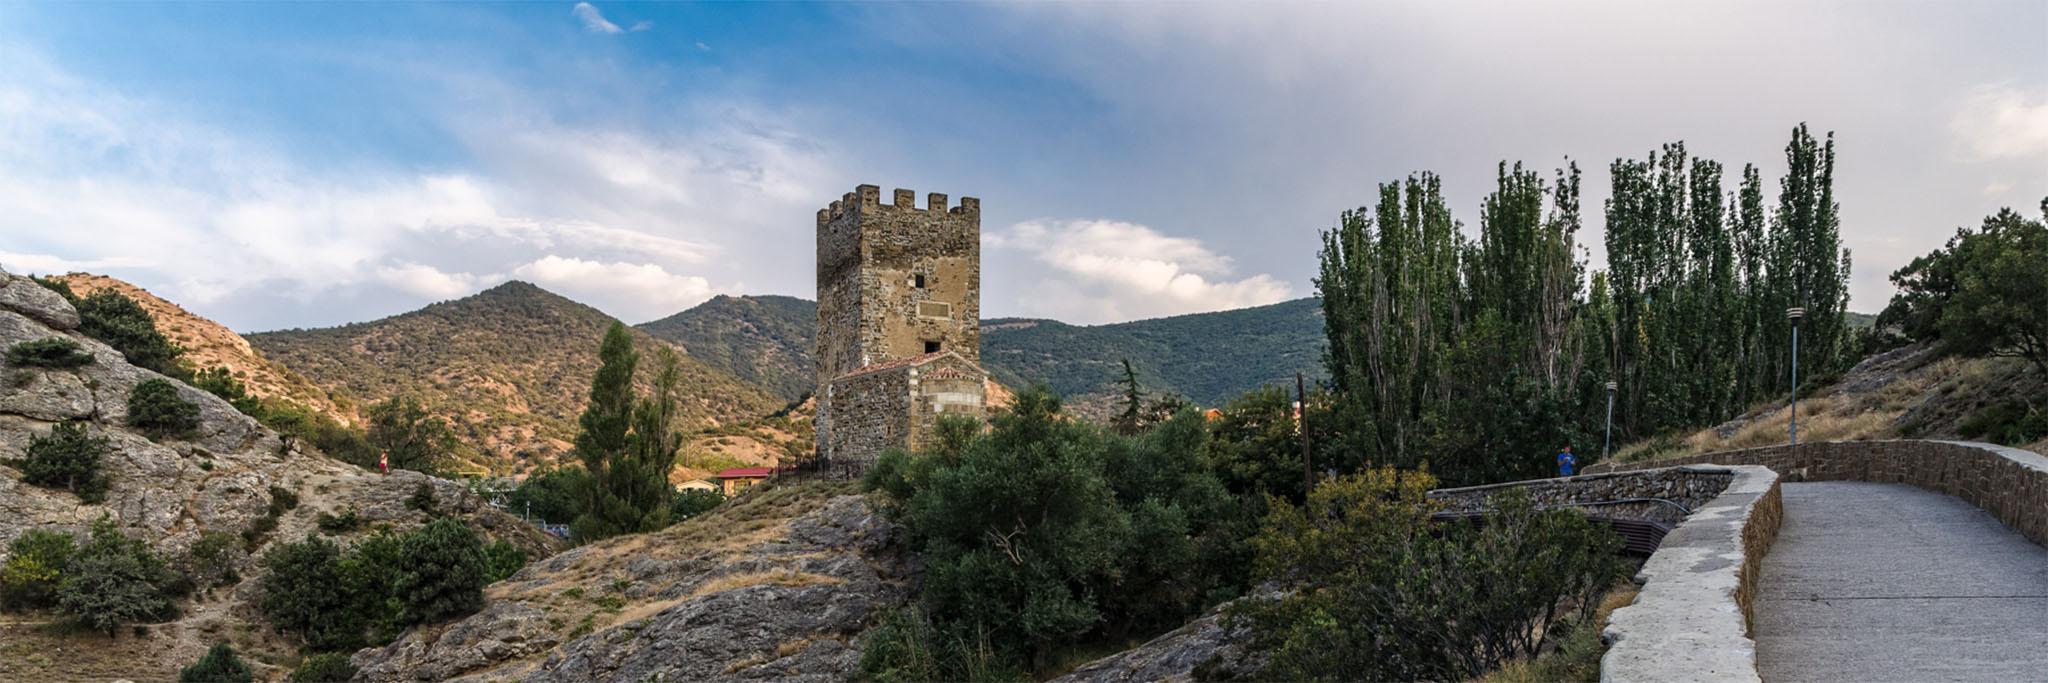 Отдых в Судаке, панорама генуэской крепости